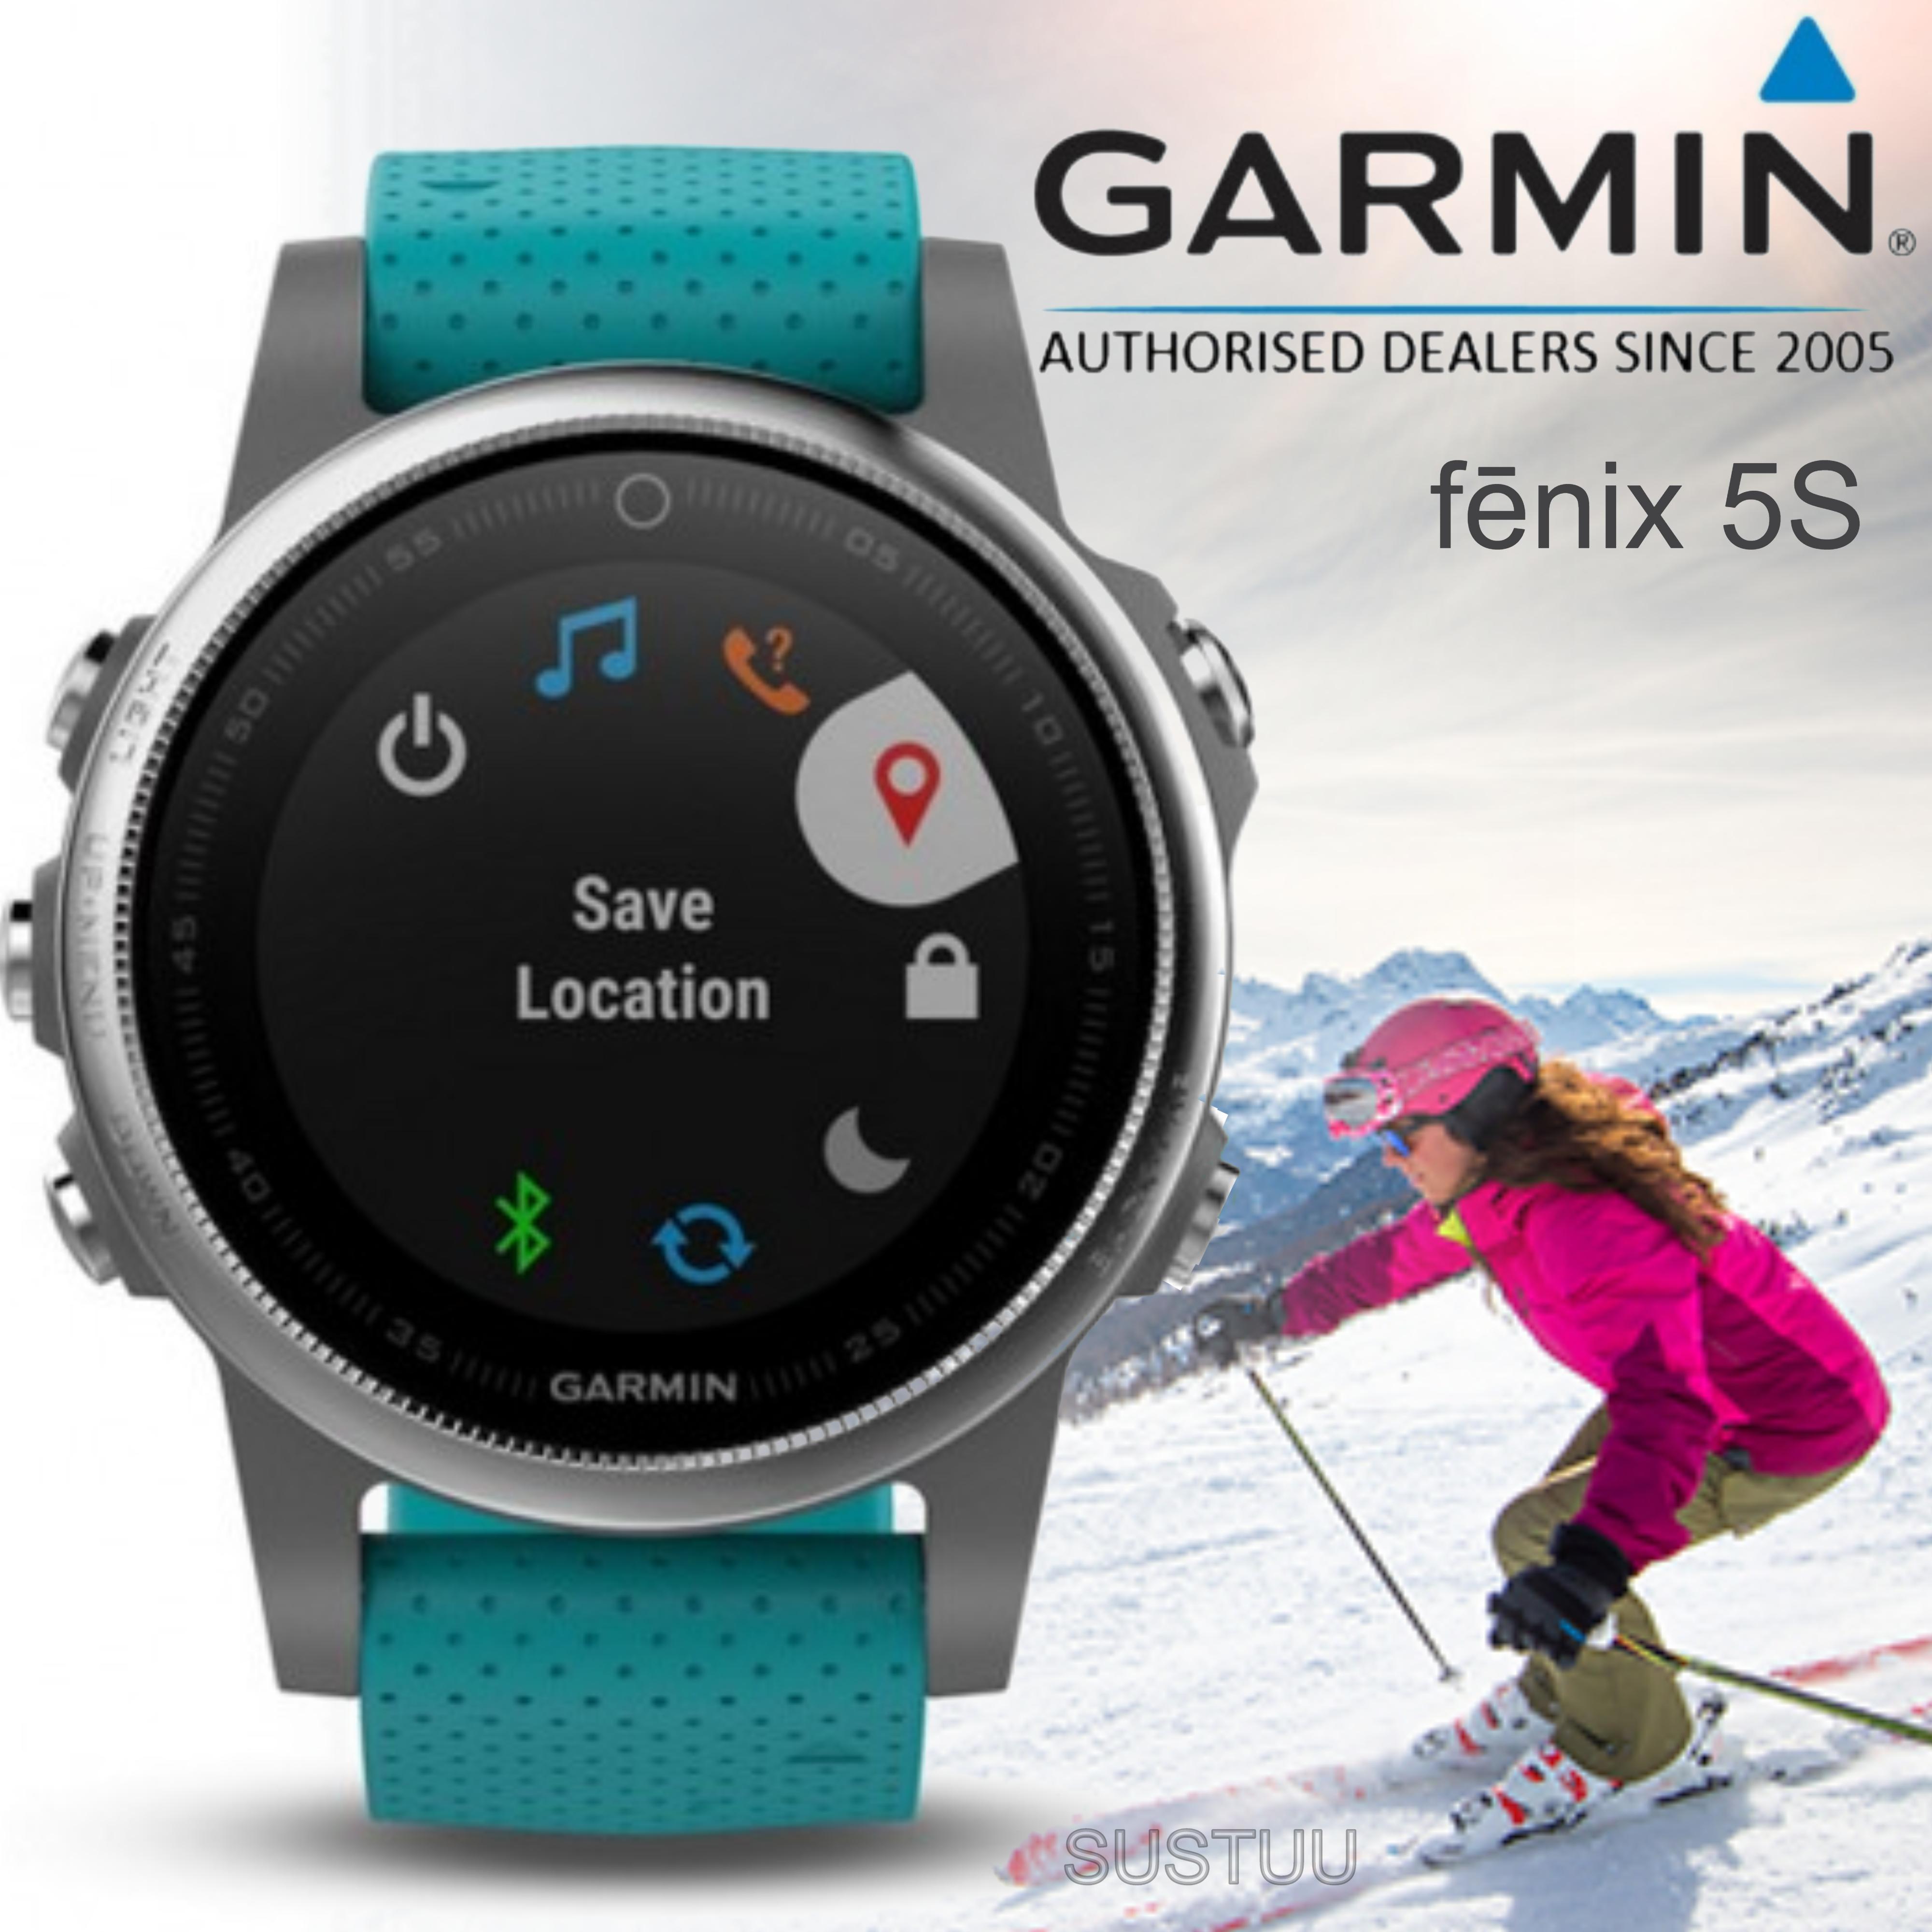 71e3c8c9024c7a Garmin Fenix 5S Multisport GPS Running Fitness Smart Watch | Wrist-base  Heart Rate | Sustuu